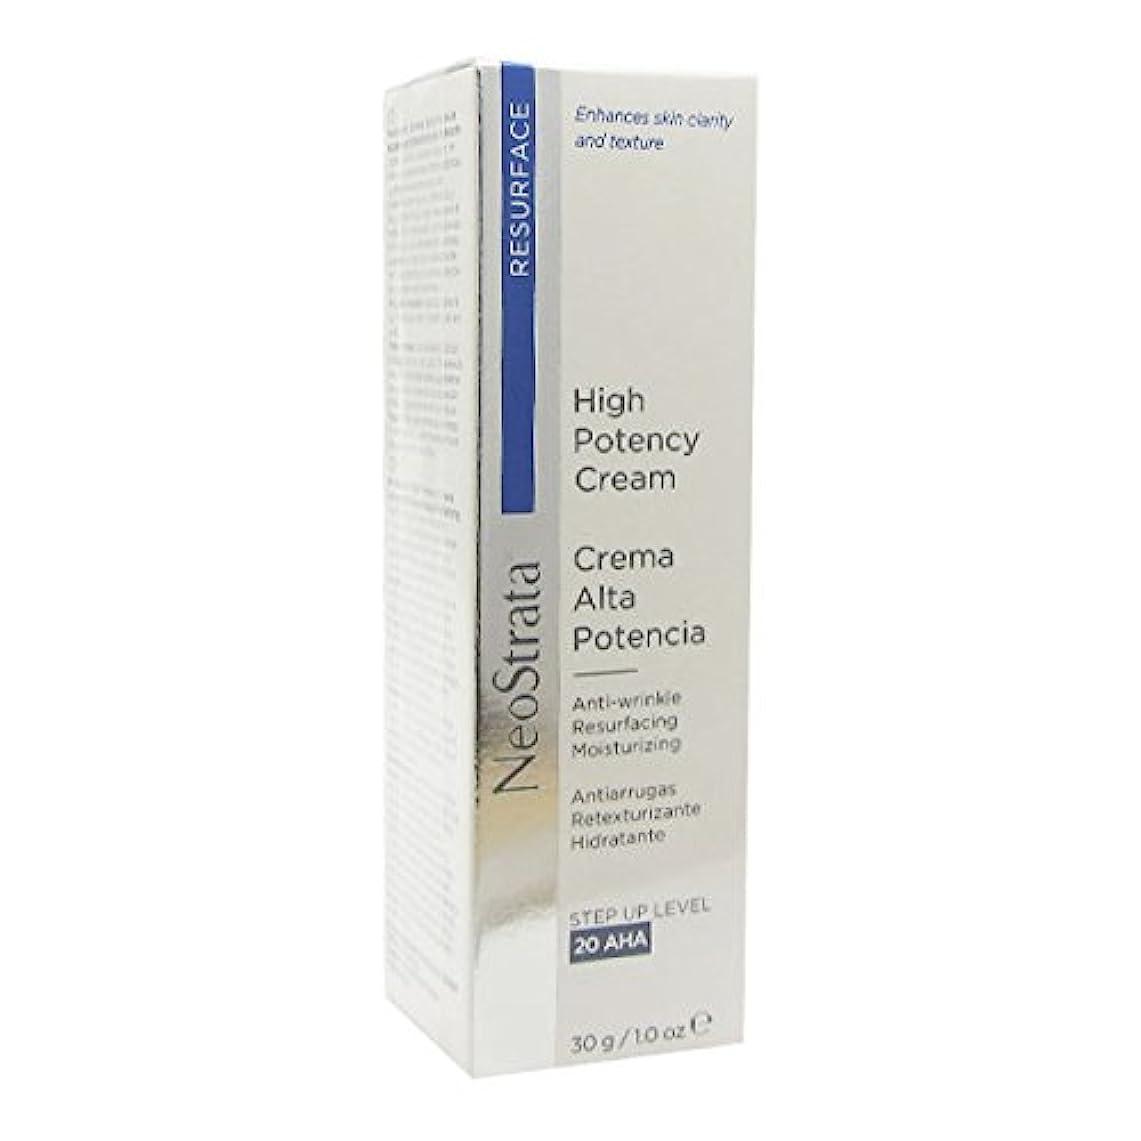 入力金曜日爆弾Neostrata High Potency Cream Anti-wrinkle Resurfacing Moisturizing 30g [並行輸入品]